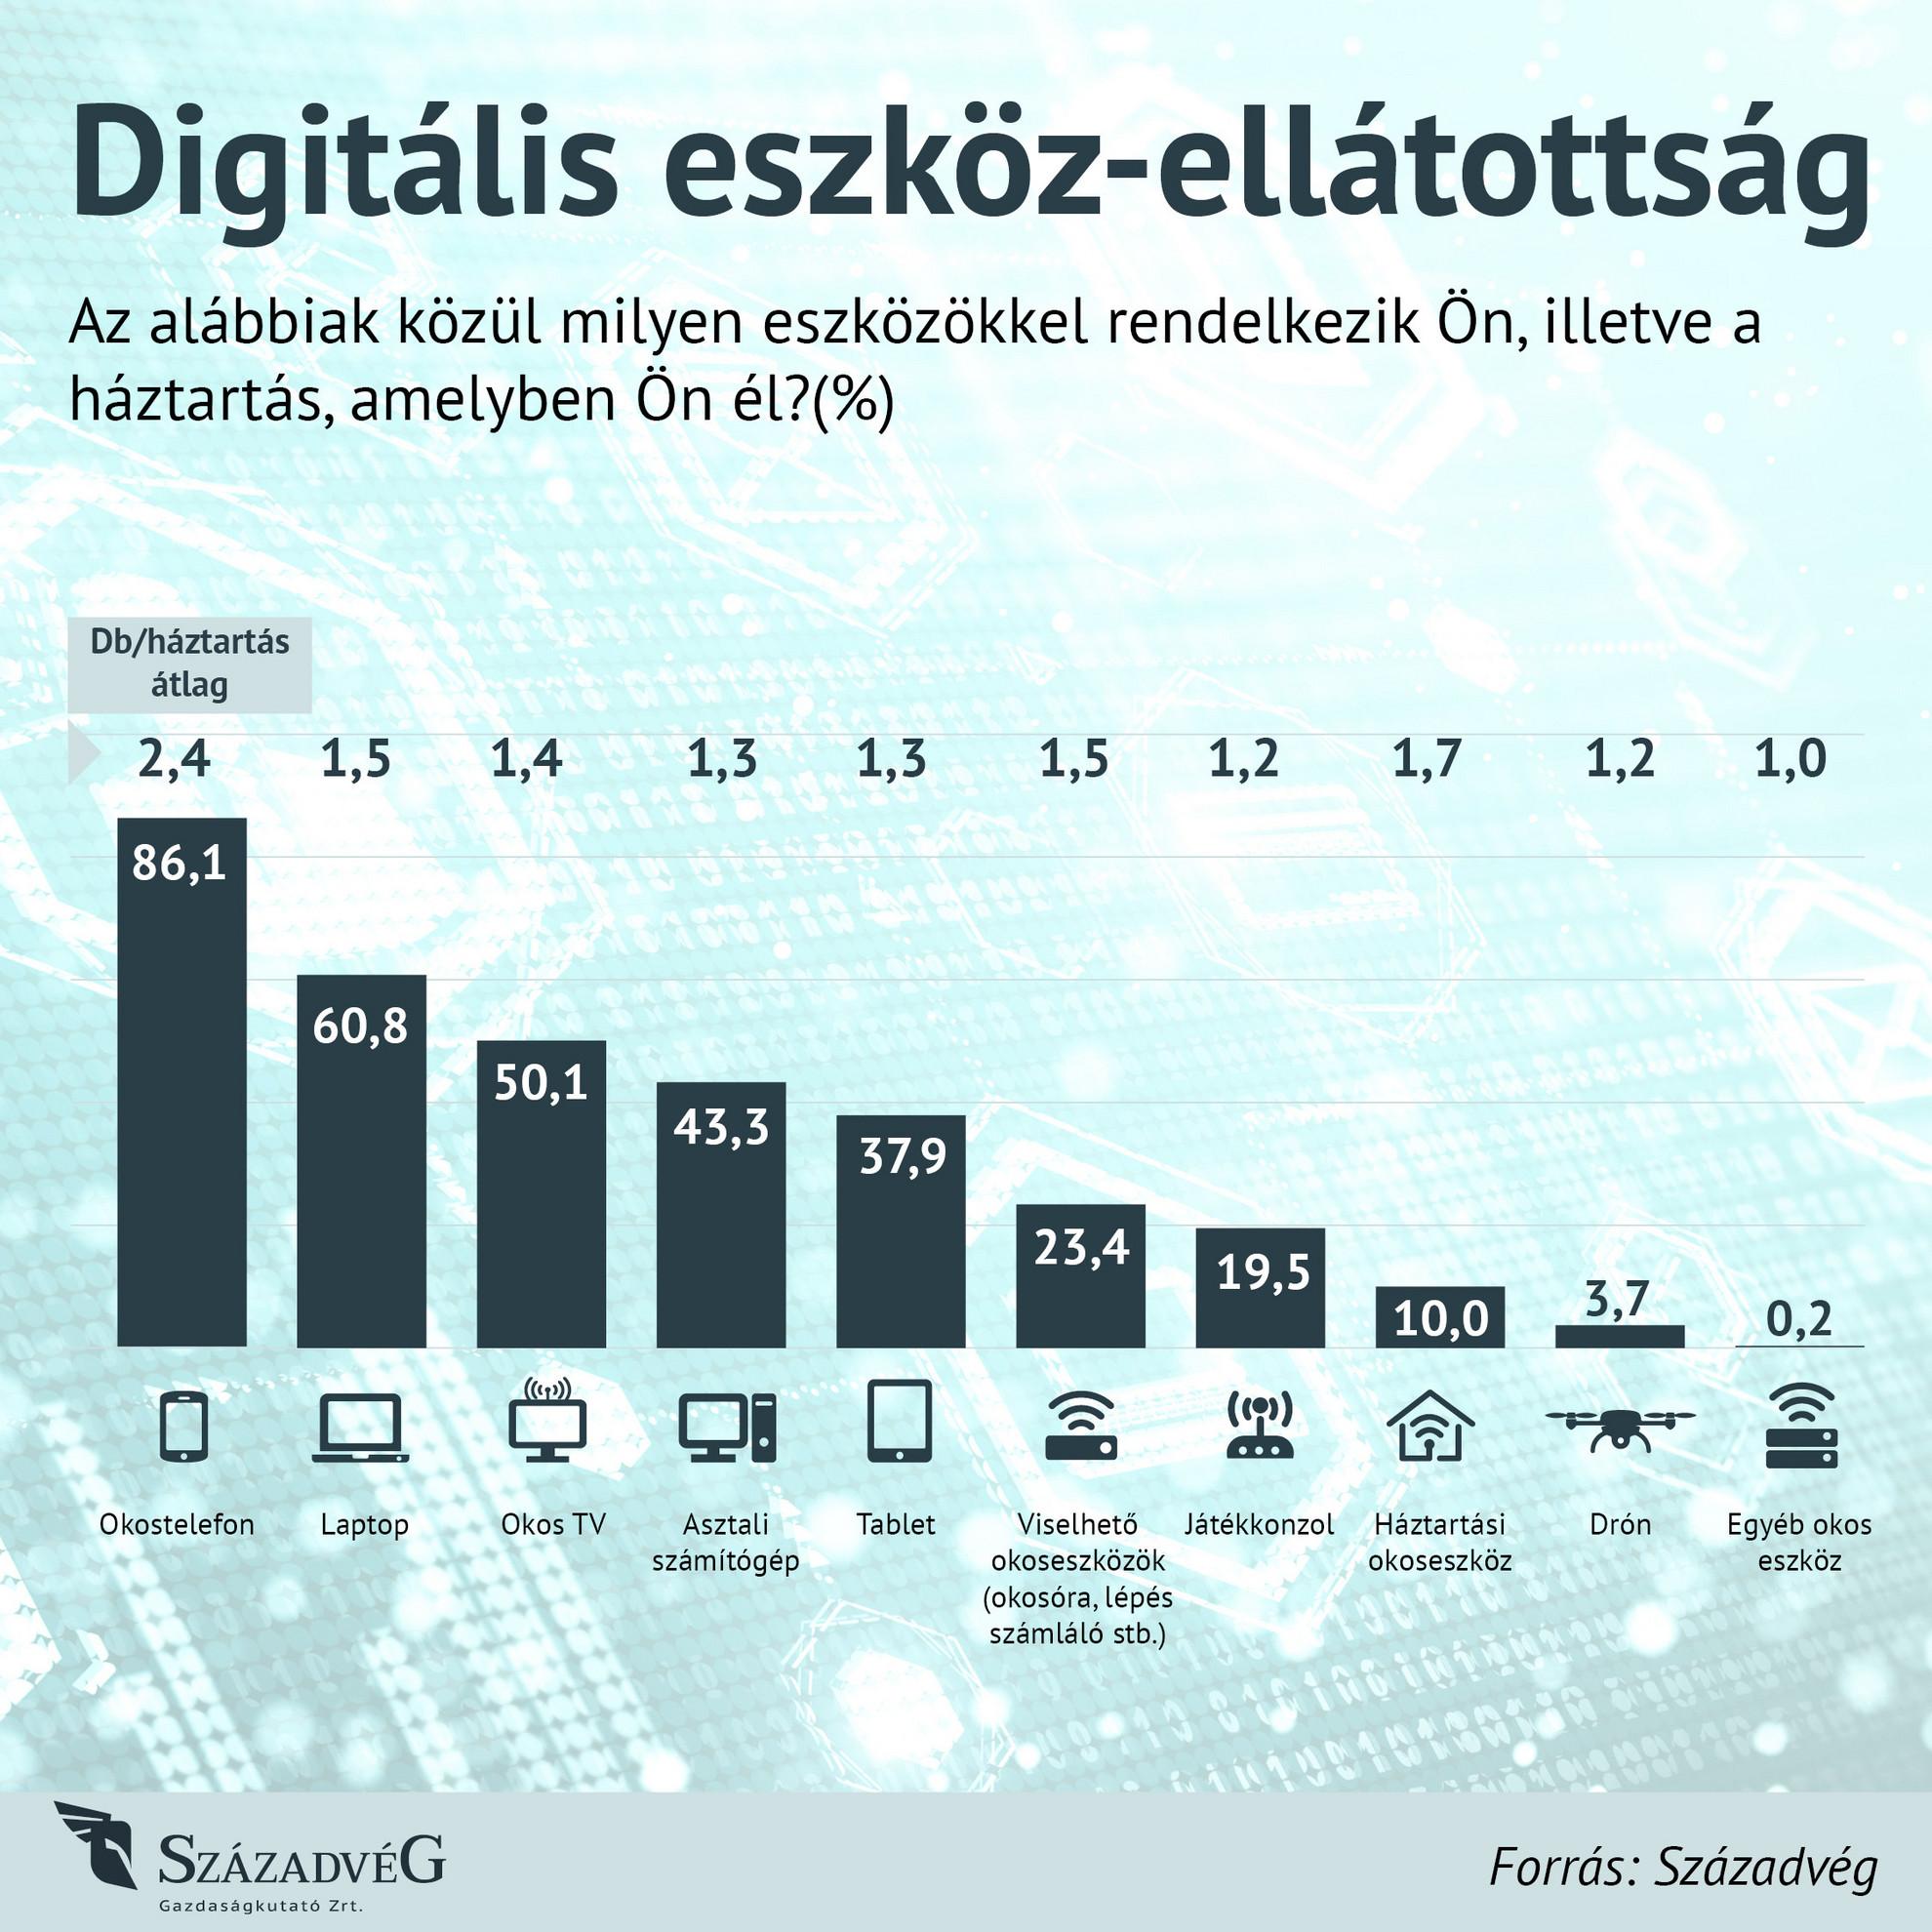 Digitális eszköz-ellátottság